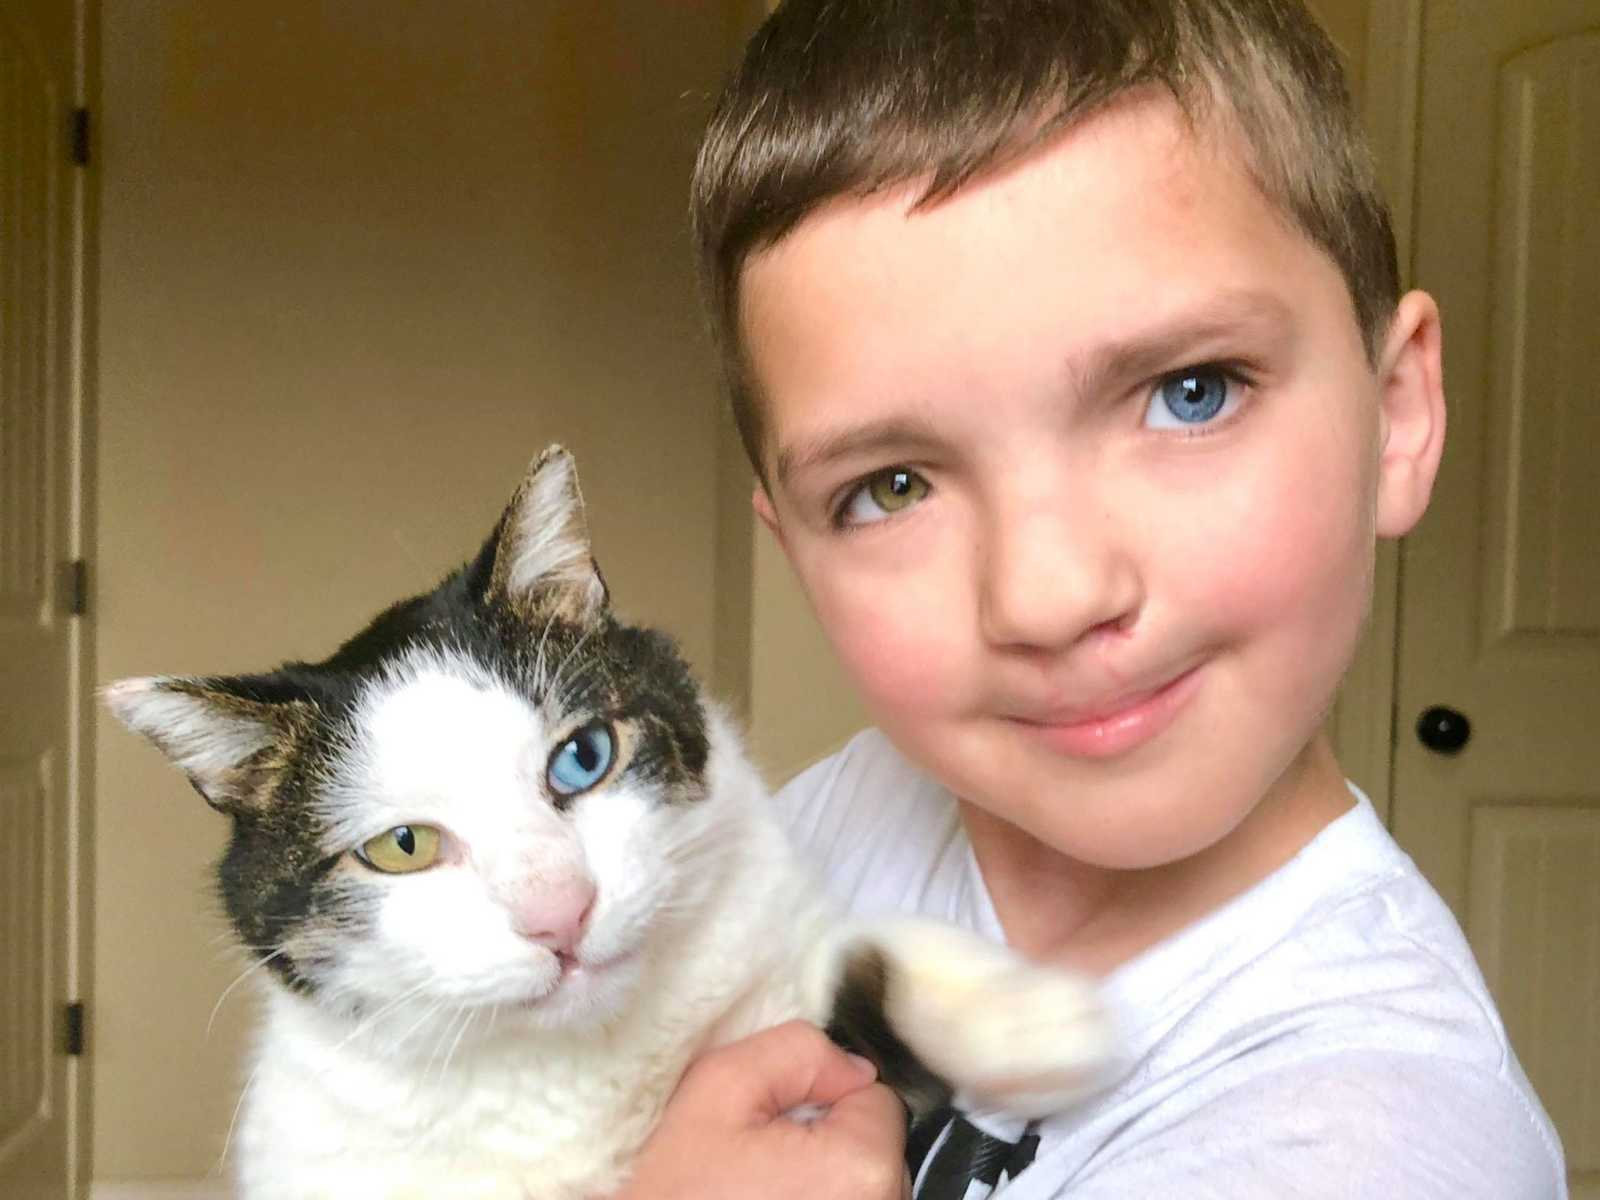 Garoto adota gatinha com as mesmas condições que ele mostrando que suas diferenças são lindas 2